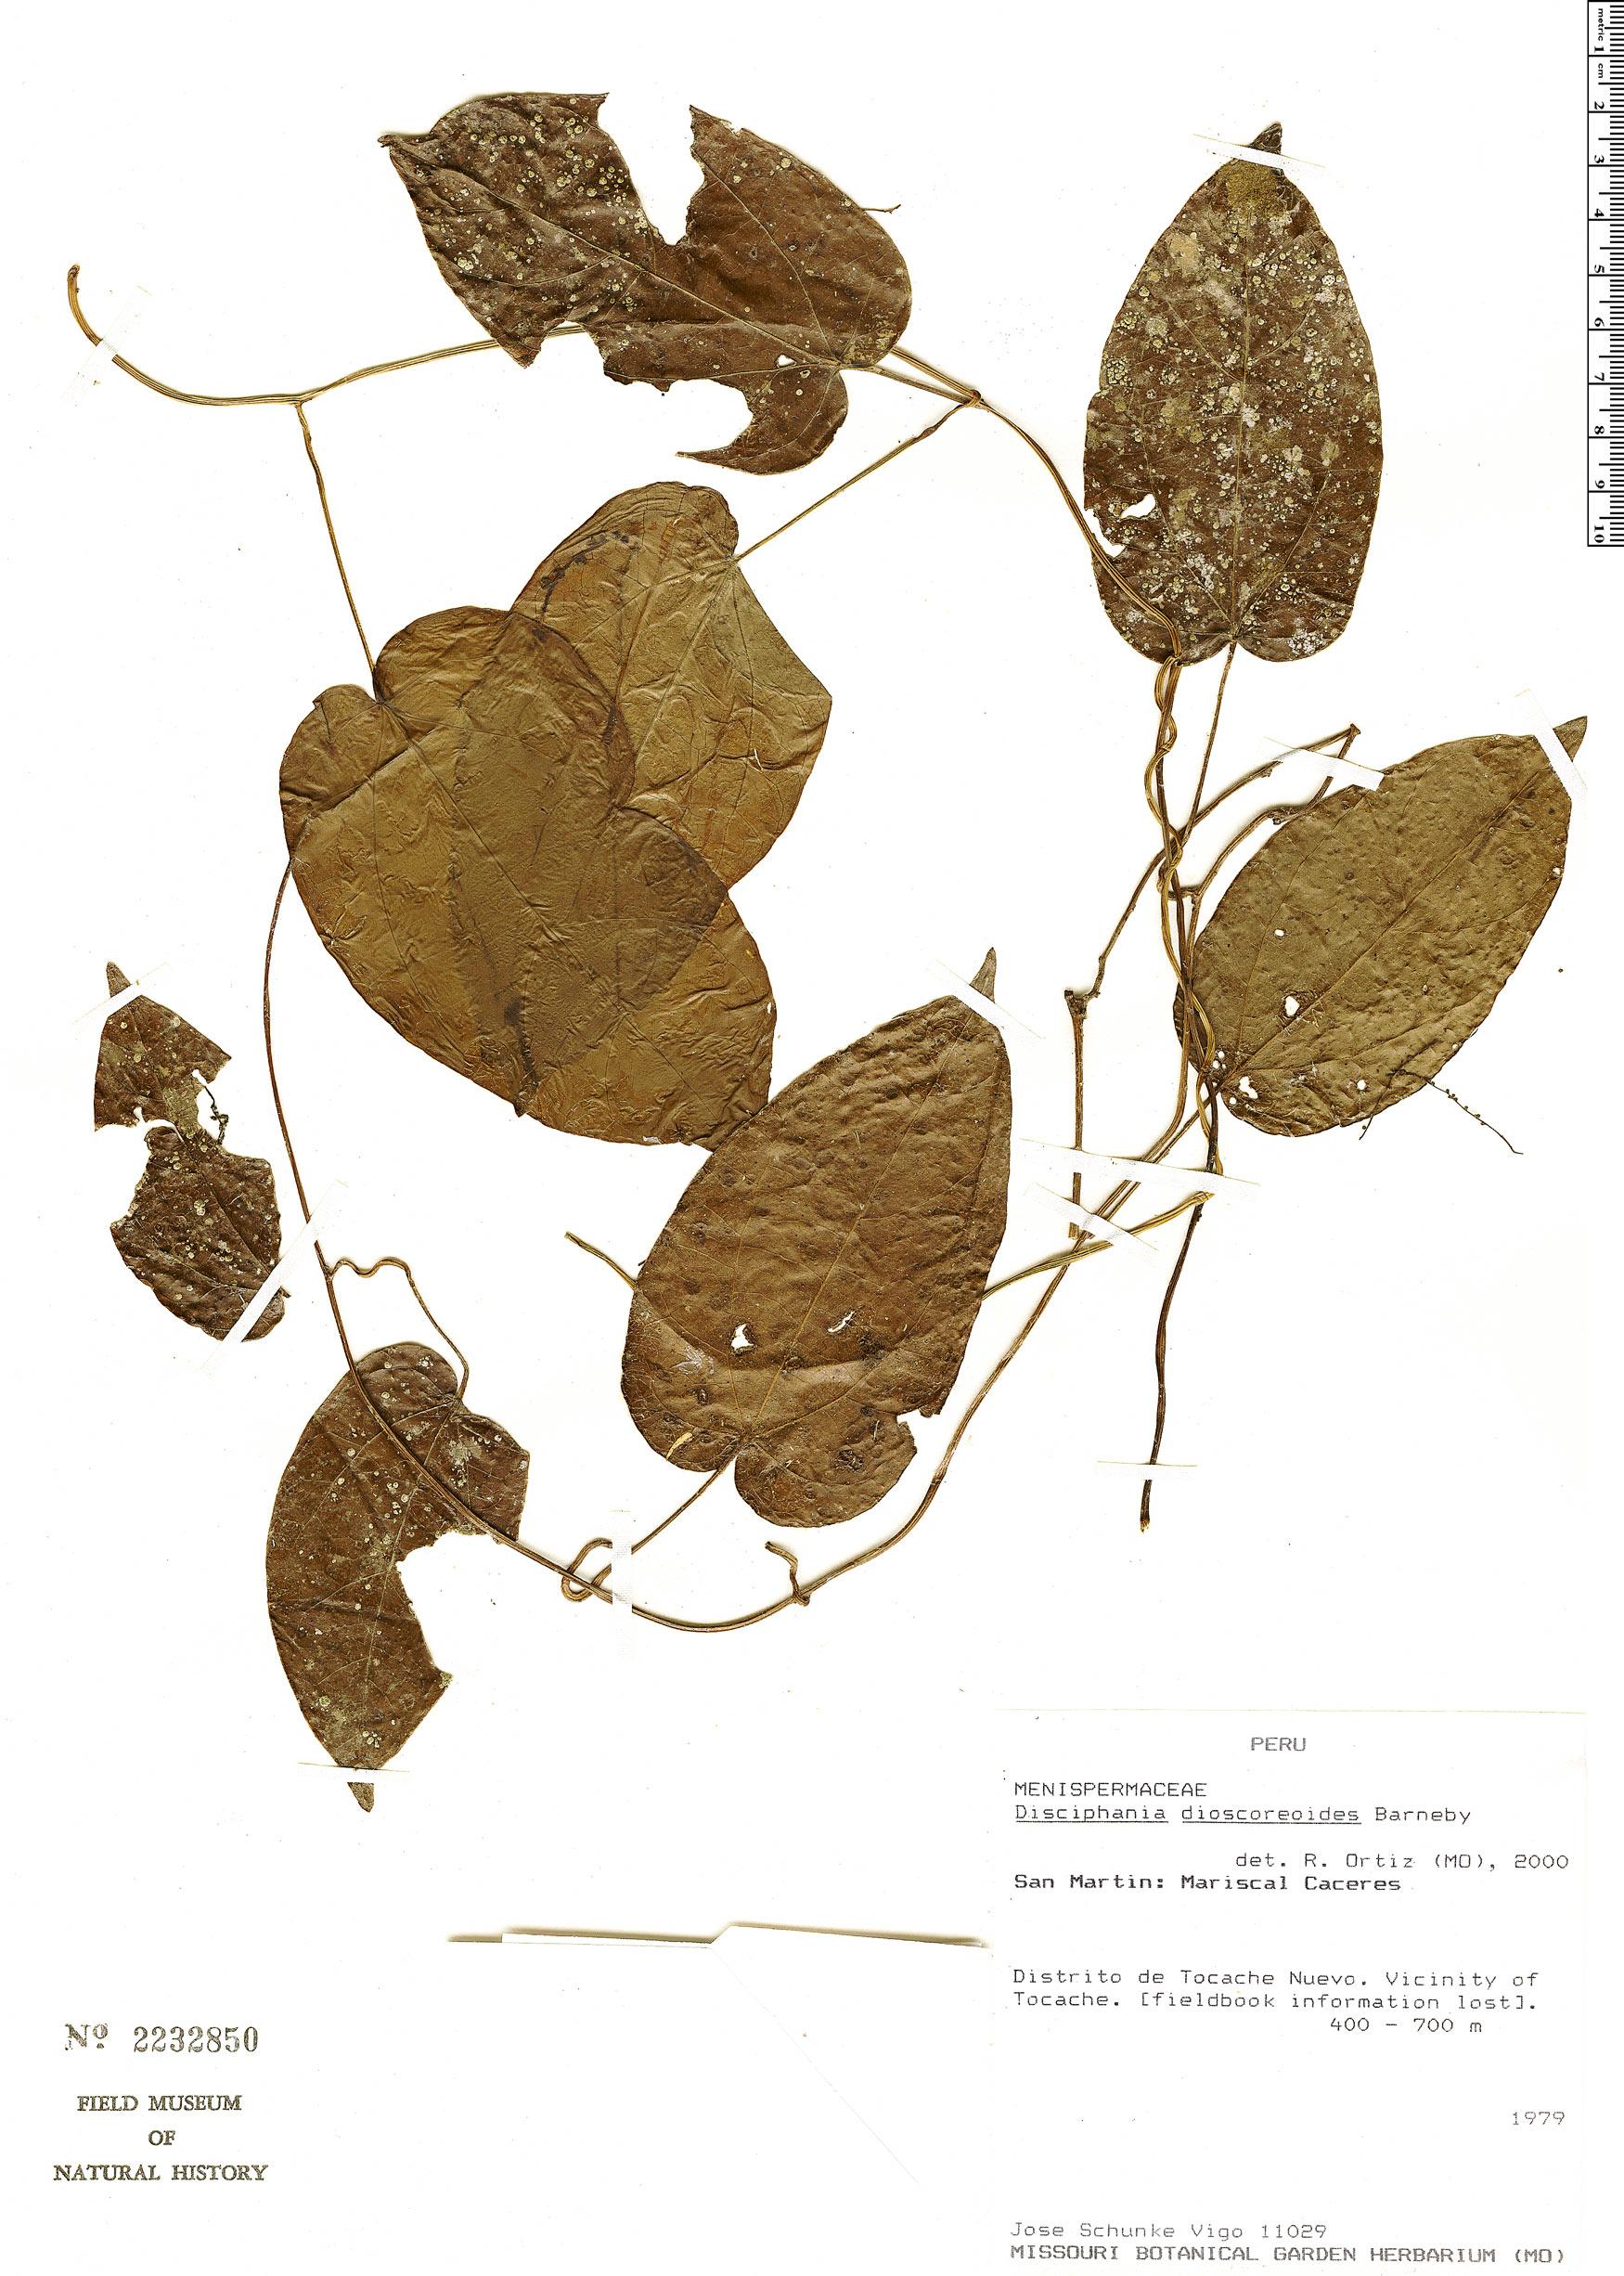 Specimen: Disciphania dioscoreoides